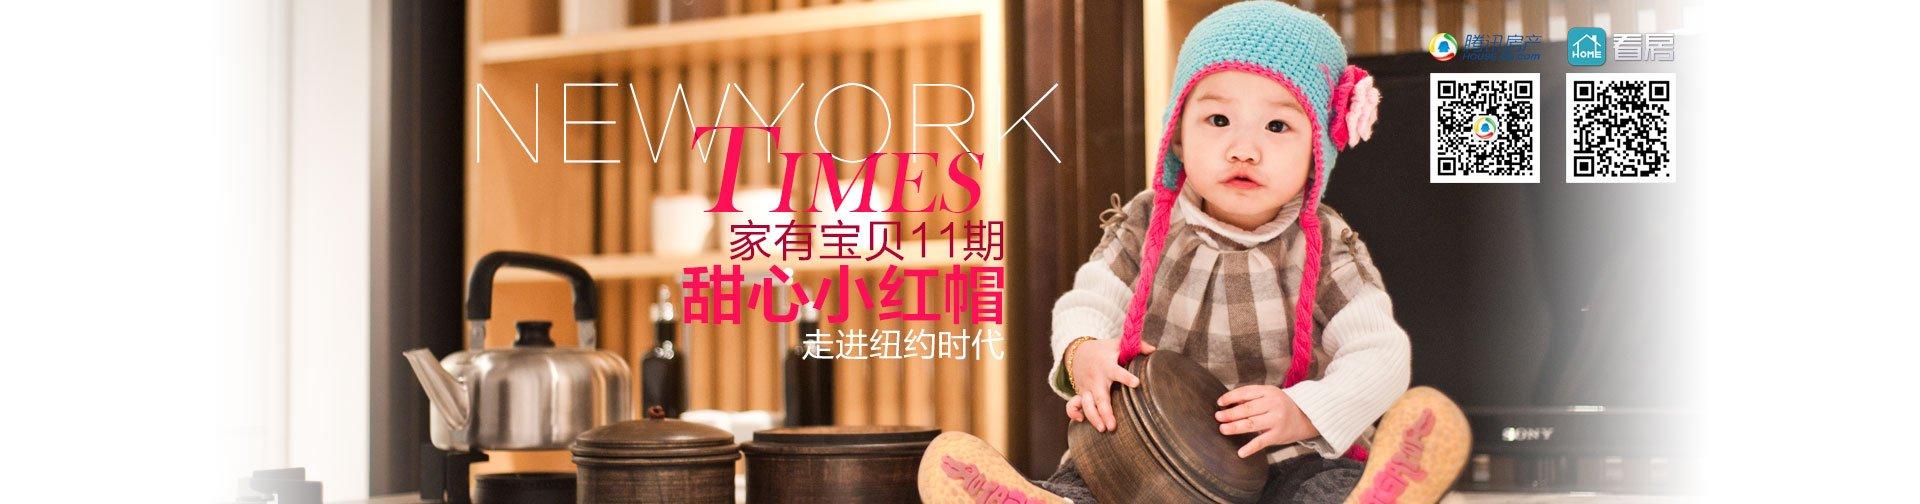 地产宝贝11期 甜心小红帽走进纽约时代